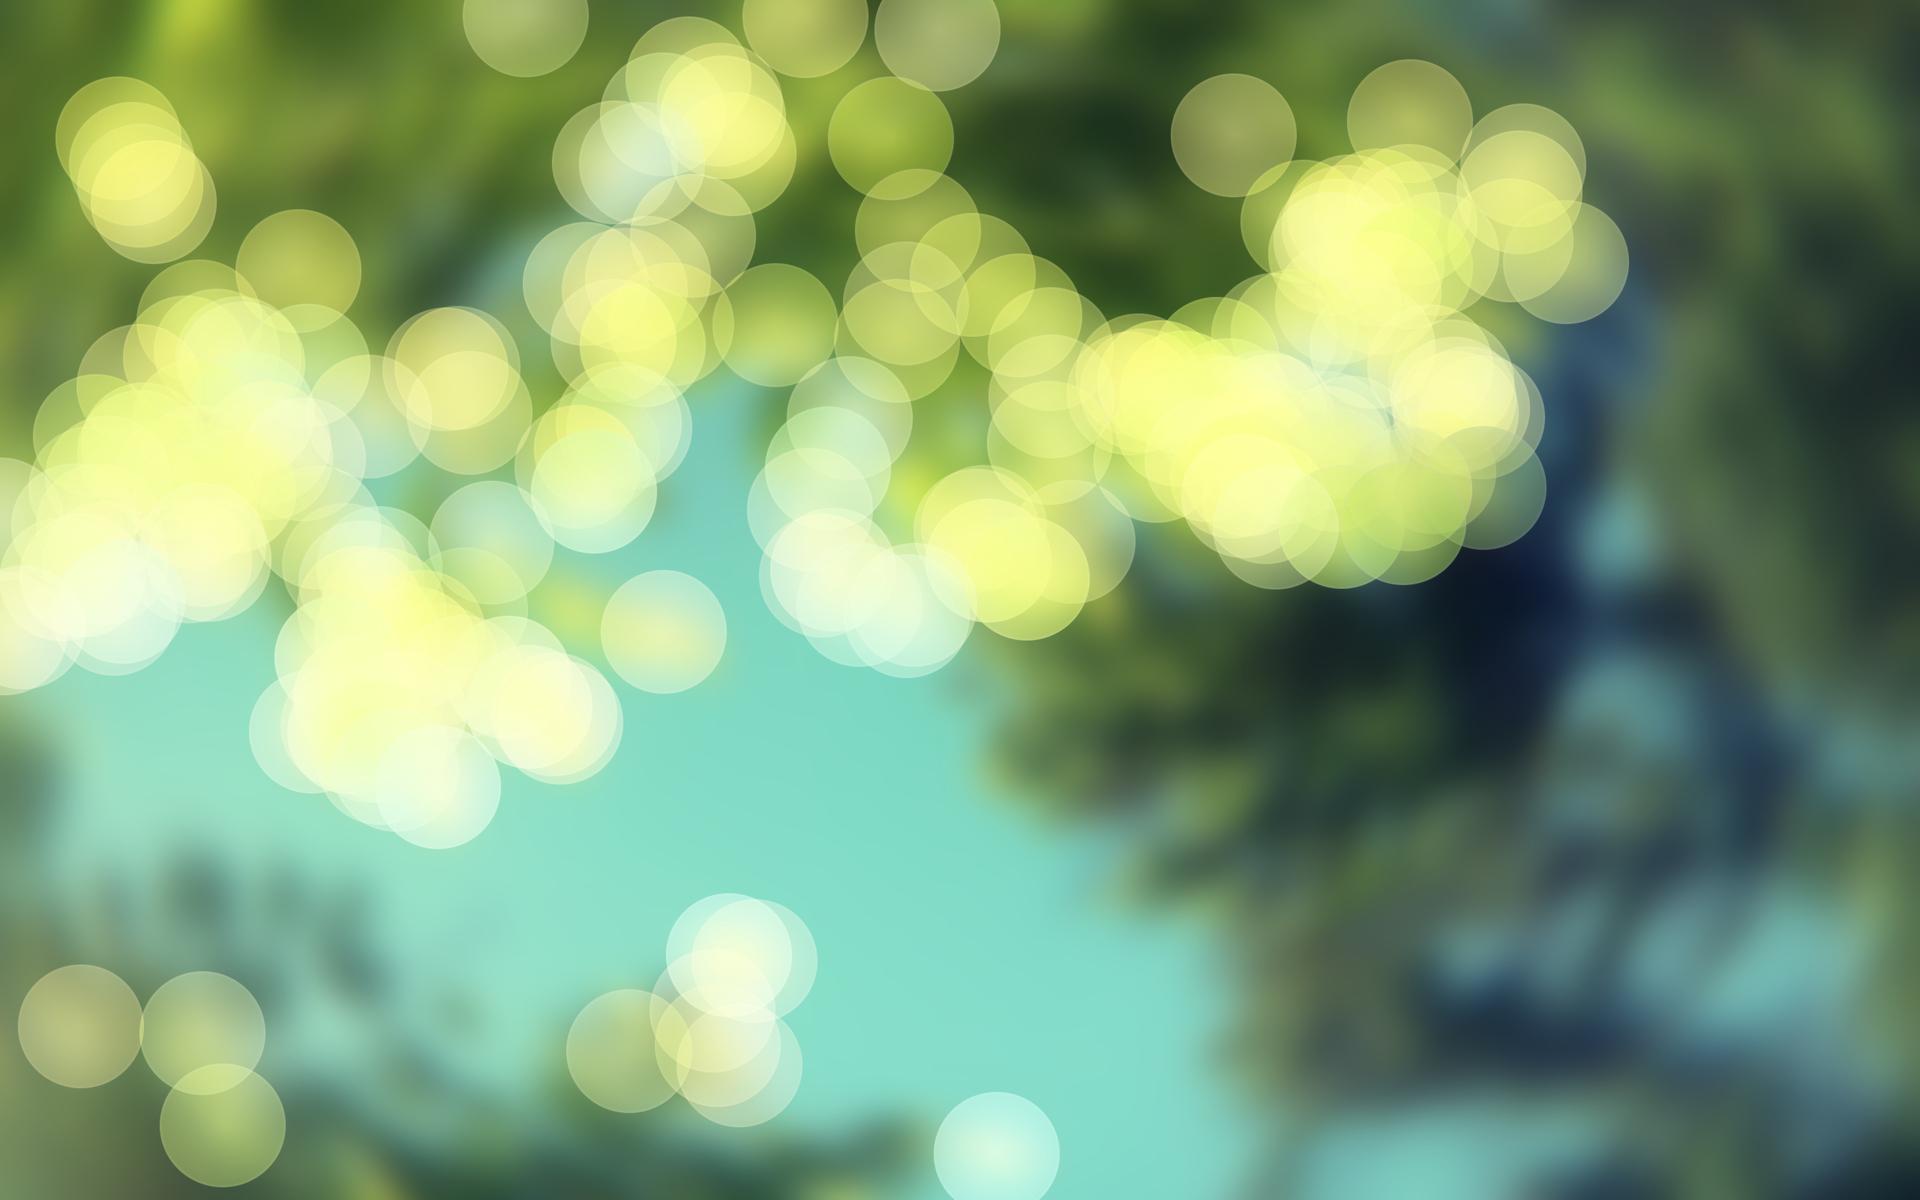 Focus Blur Wallpaper 21149